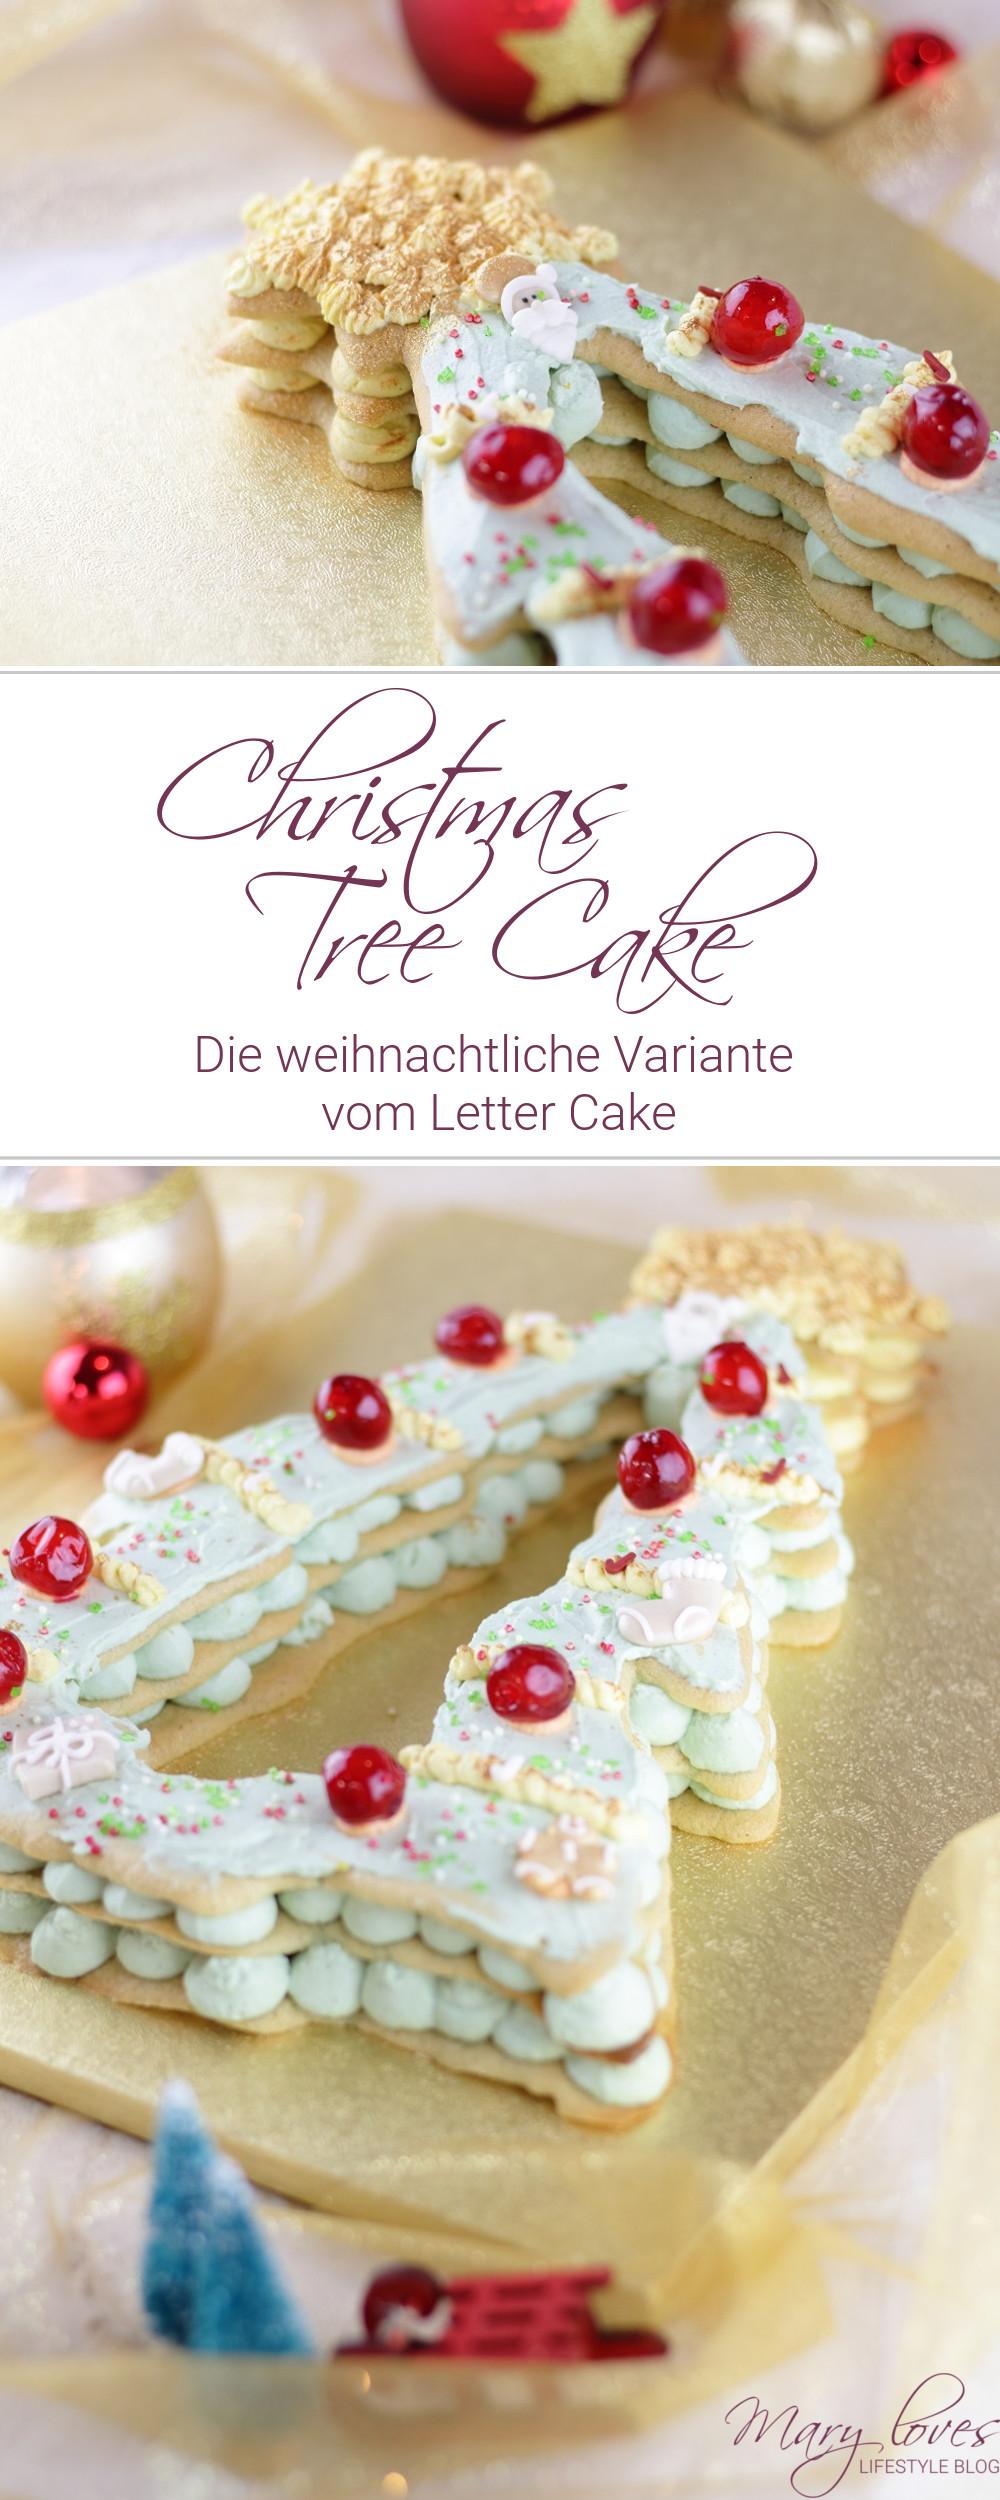 [Anzeige] Christmas Tree Cake - Die weihnachtliche Variante vom Letter Cake - #christmastreecake #lettercake #weihnachtskuchen #christmas #weihnachten #weihnachtstorte #kuchen #torte #numbercake #christmascake #cake